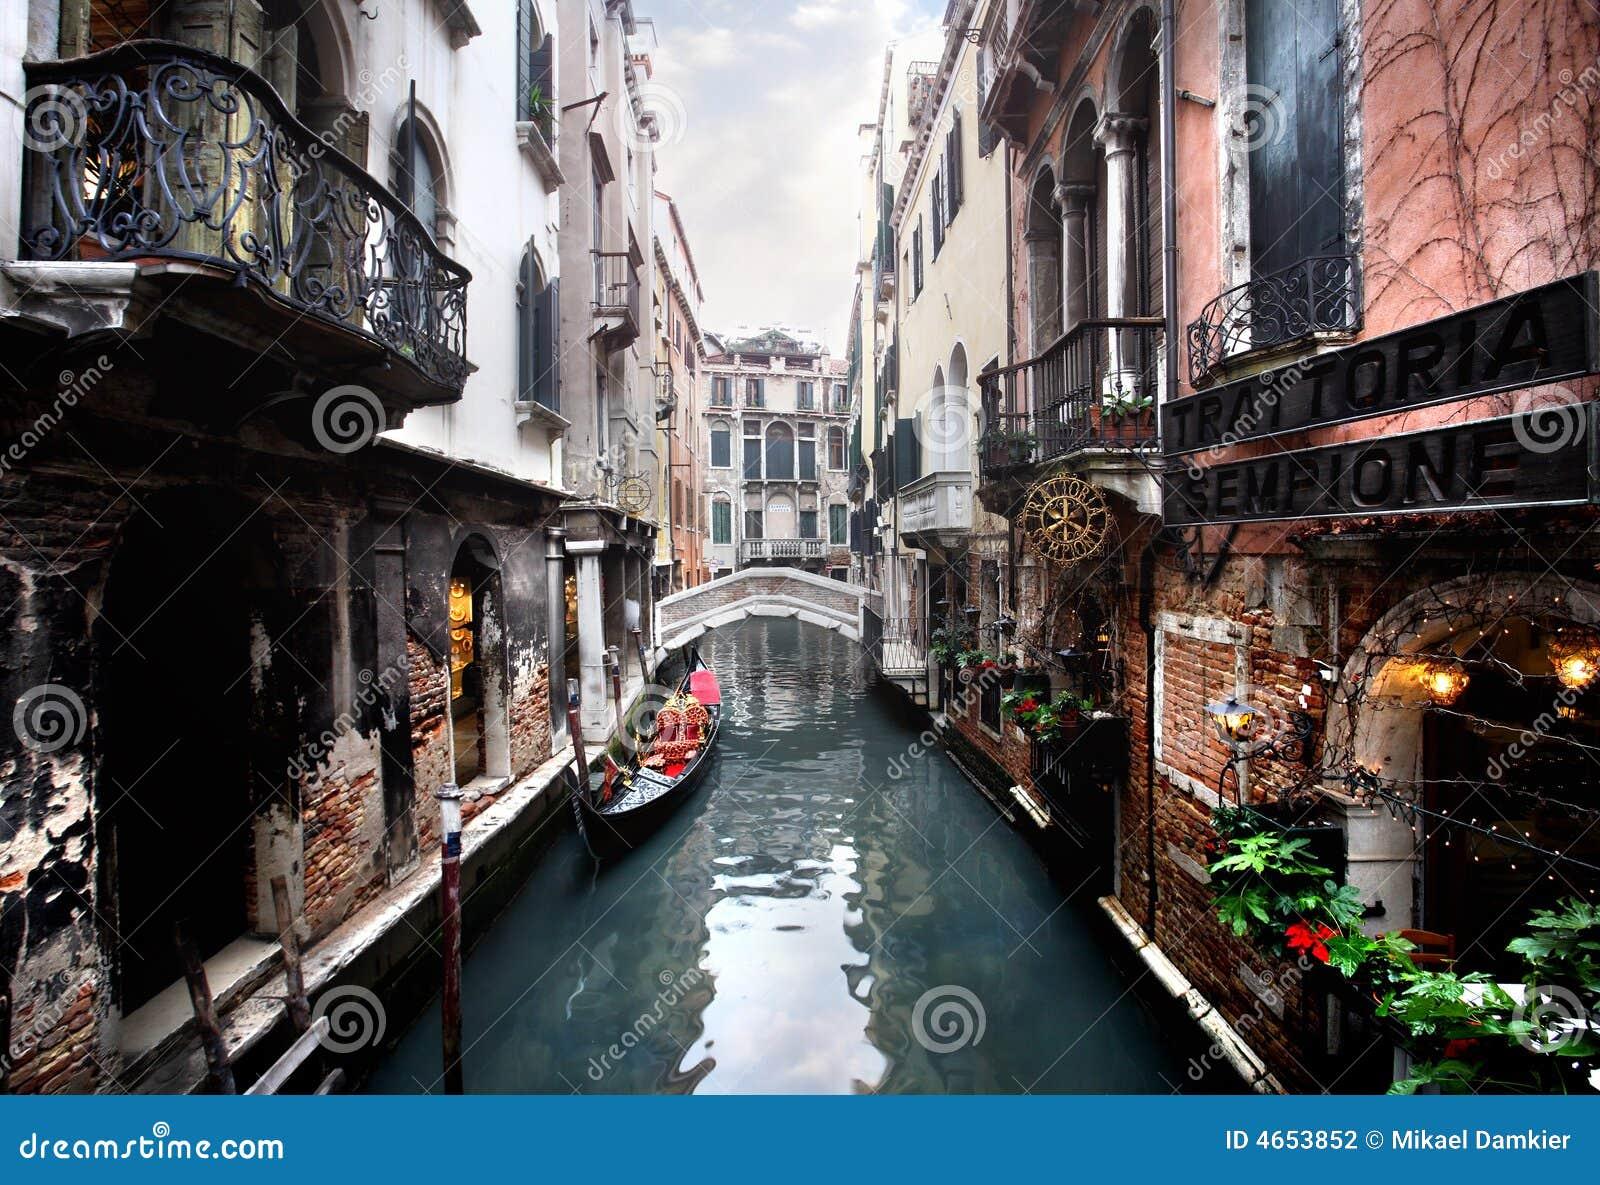 Venise - canal et une passerelle